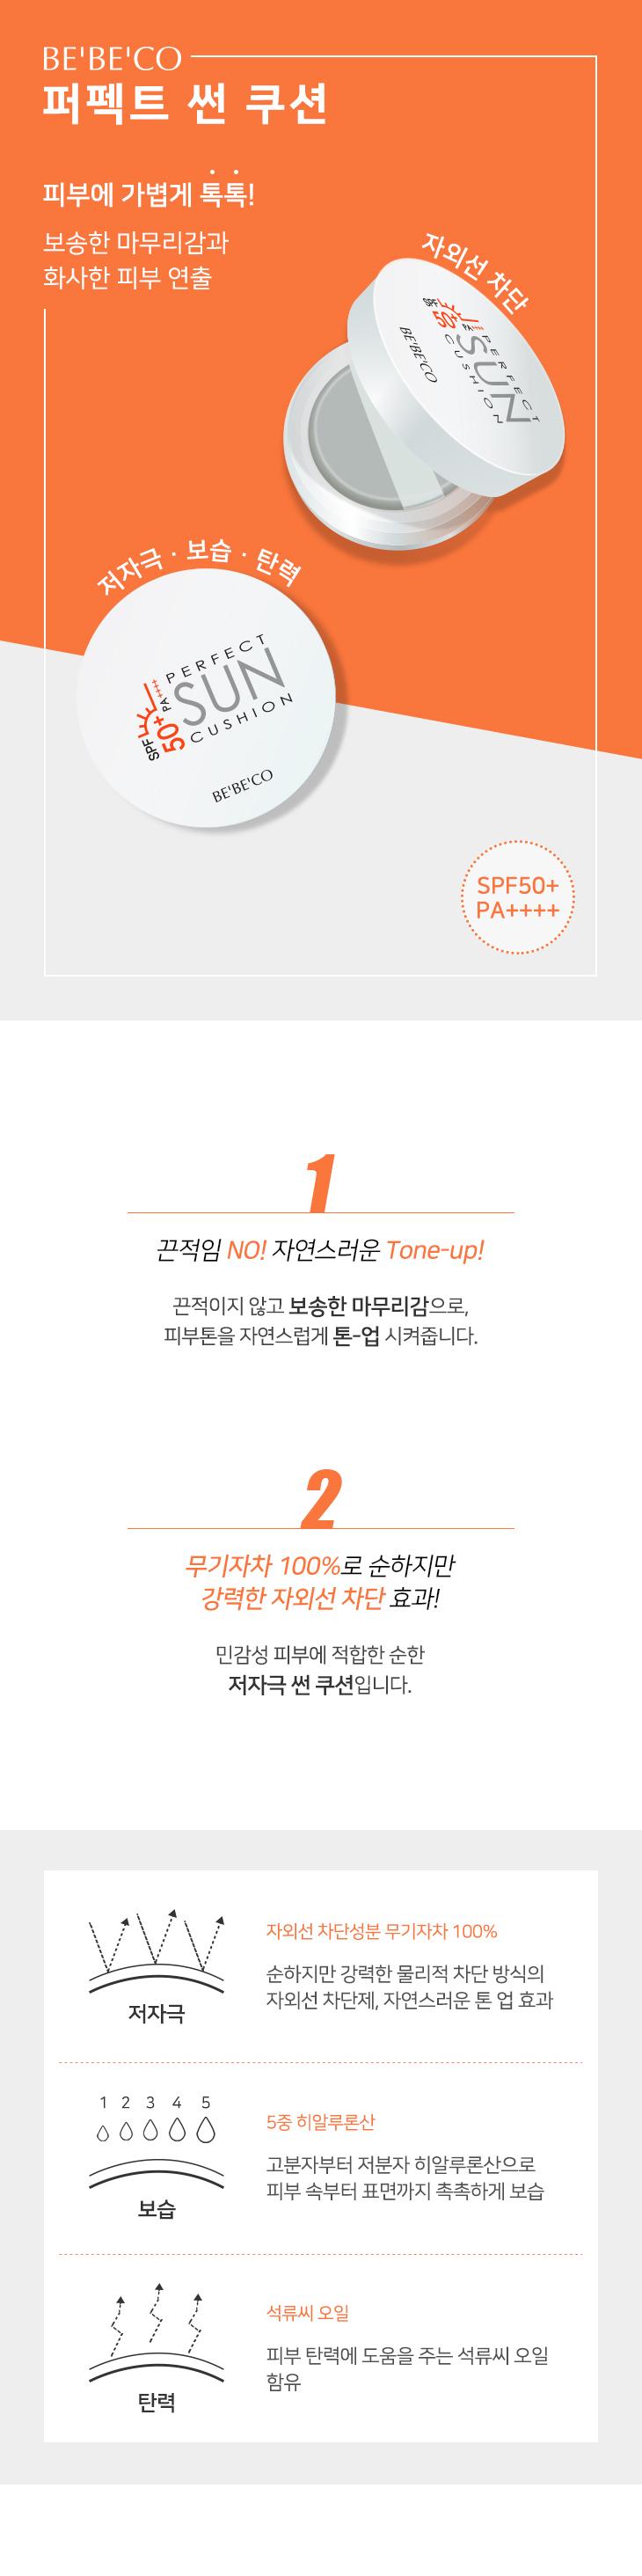 1+1 베베코 퍼펙트 썬쿠션 - 베베코, 16,000원, 선케어, 선스프레이/쿠션